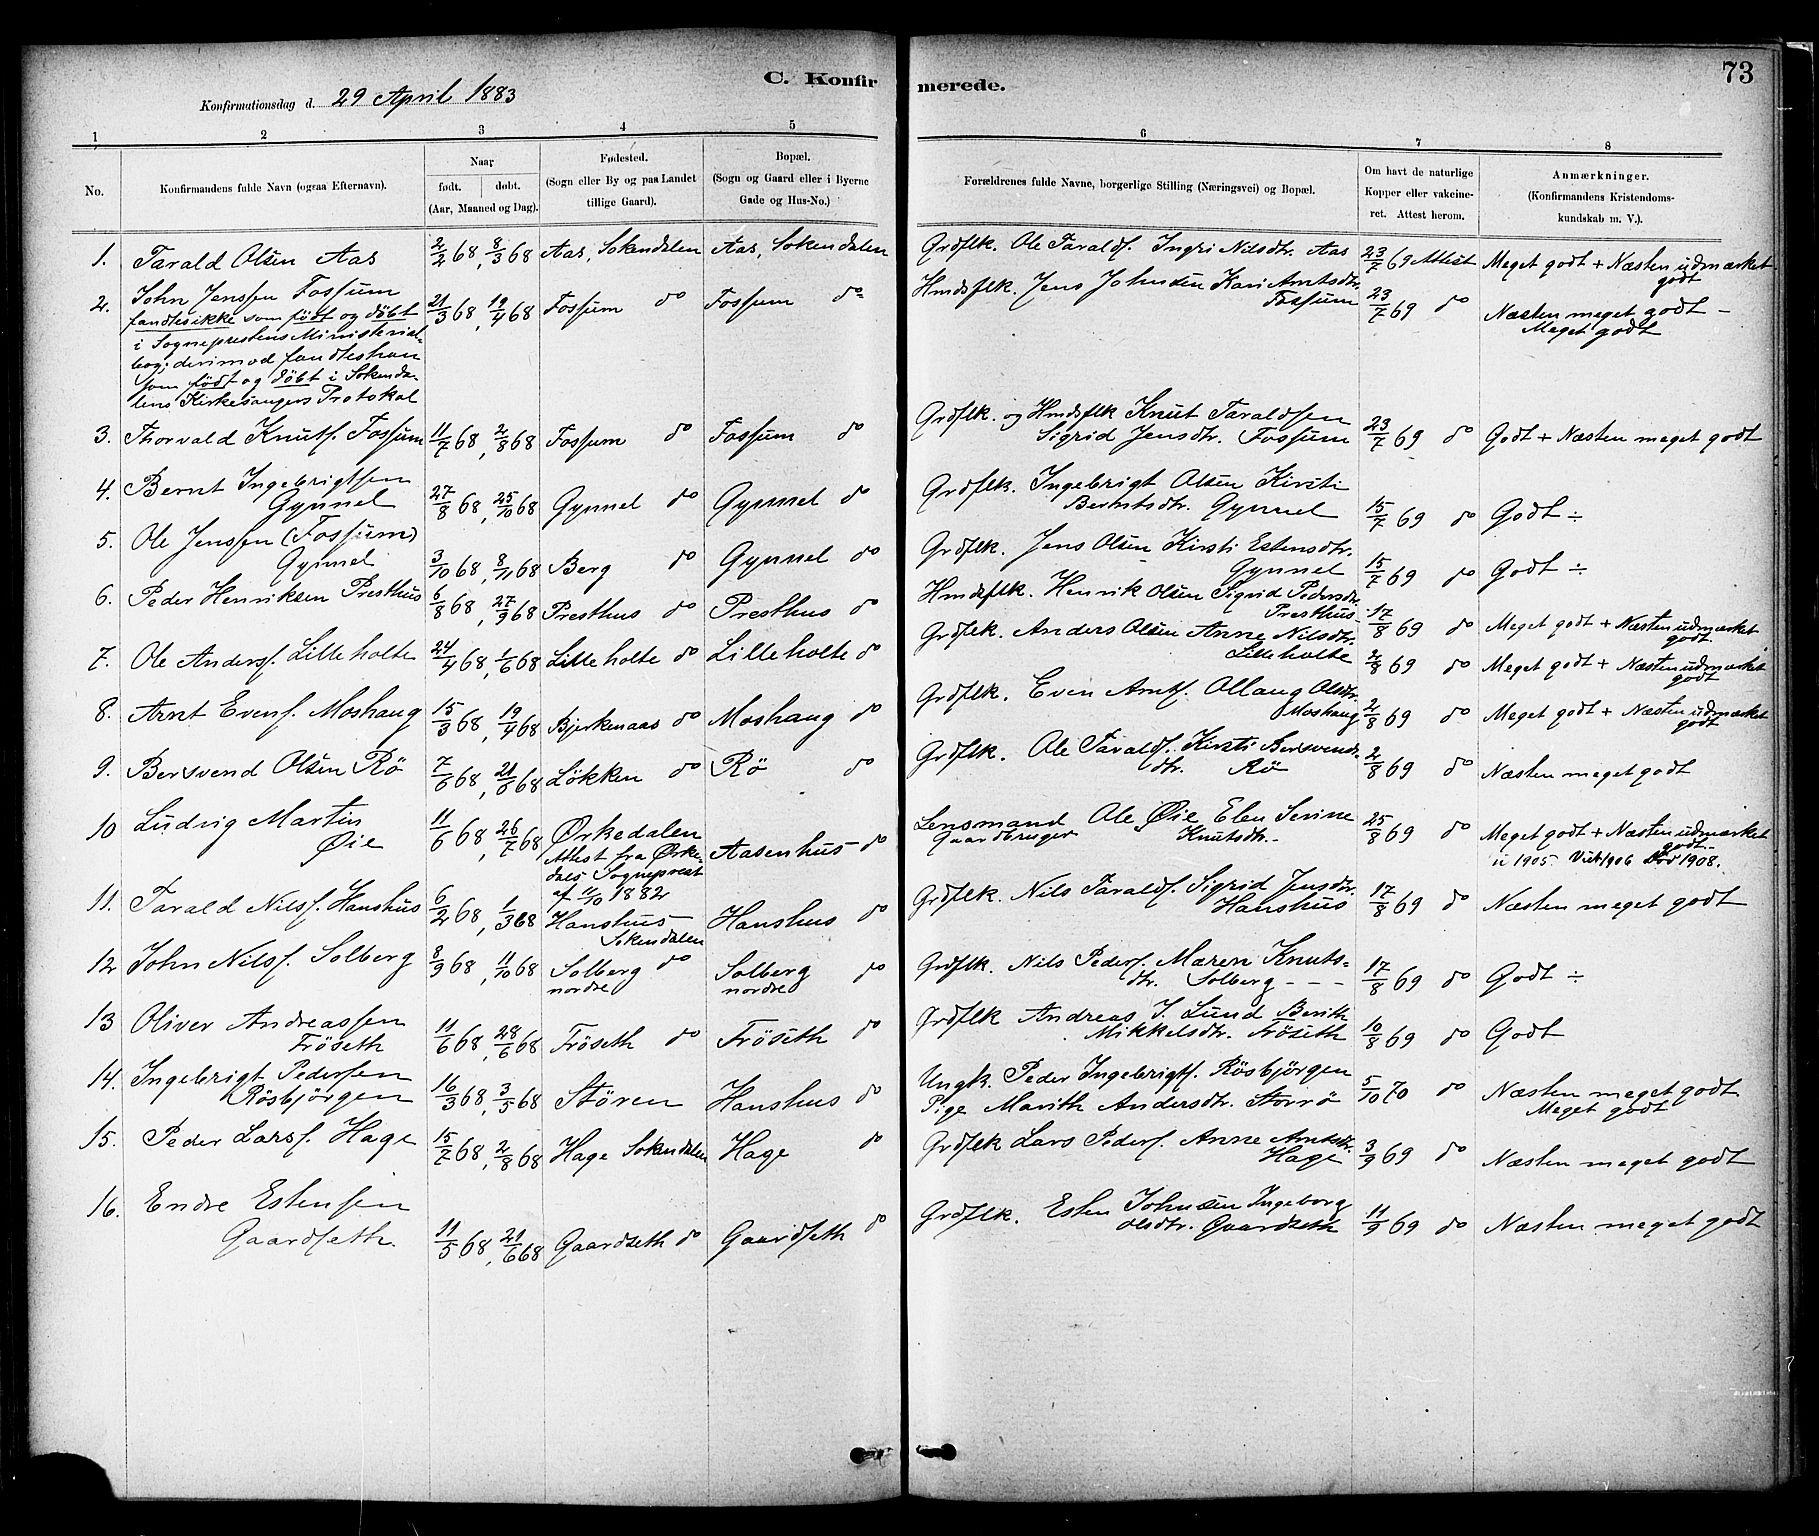 SAT, Ministerialprotokoller, klokkerbøker og fødselsregistre - Sør-Trøndelag, 689/L1040: Ministerialbok nr. 689A05, 1878-1890, s. 73